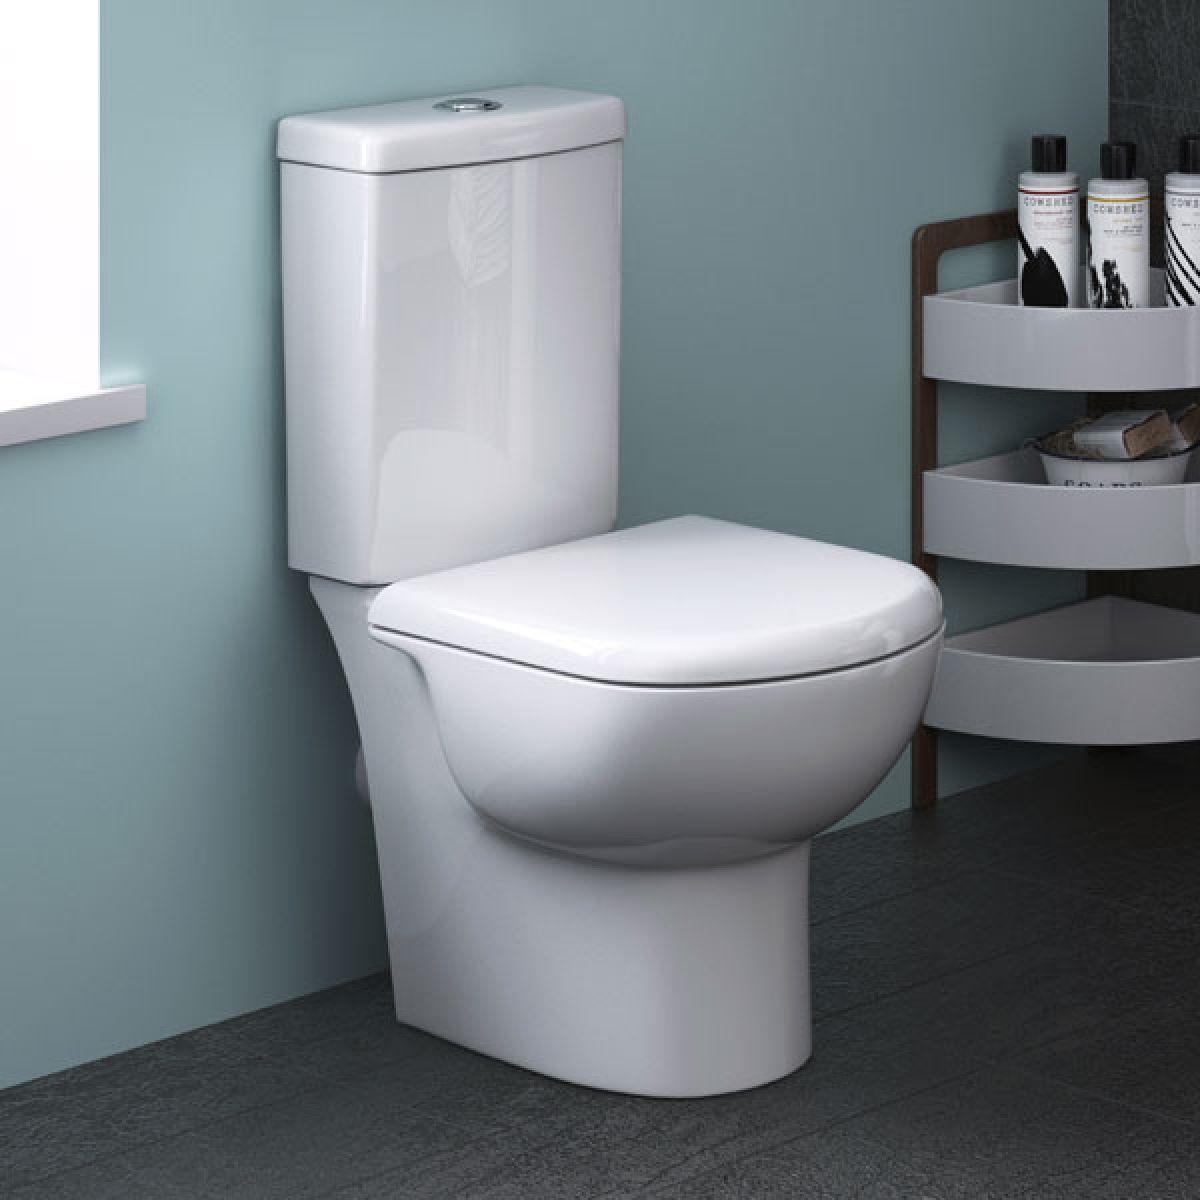 Premier Knedlington Short Projection Toilet Premier Knedlington Short Projection Toilet with Soft Close Seat